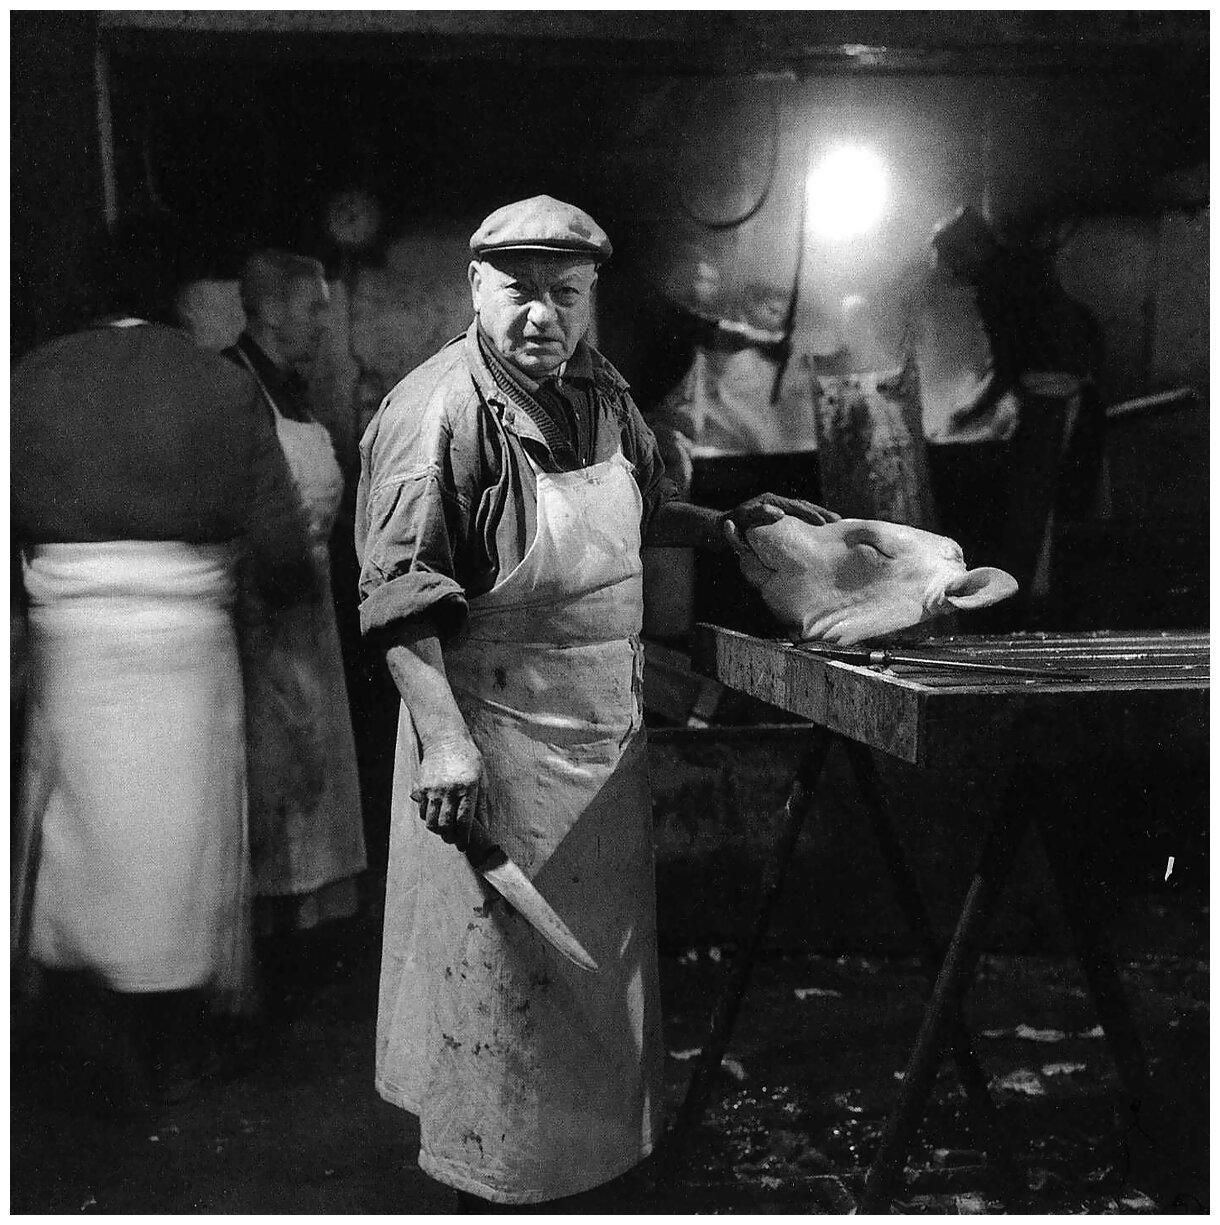 1968. Камера убоя и разделки скота на улице Соваль